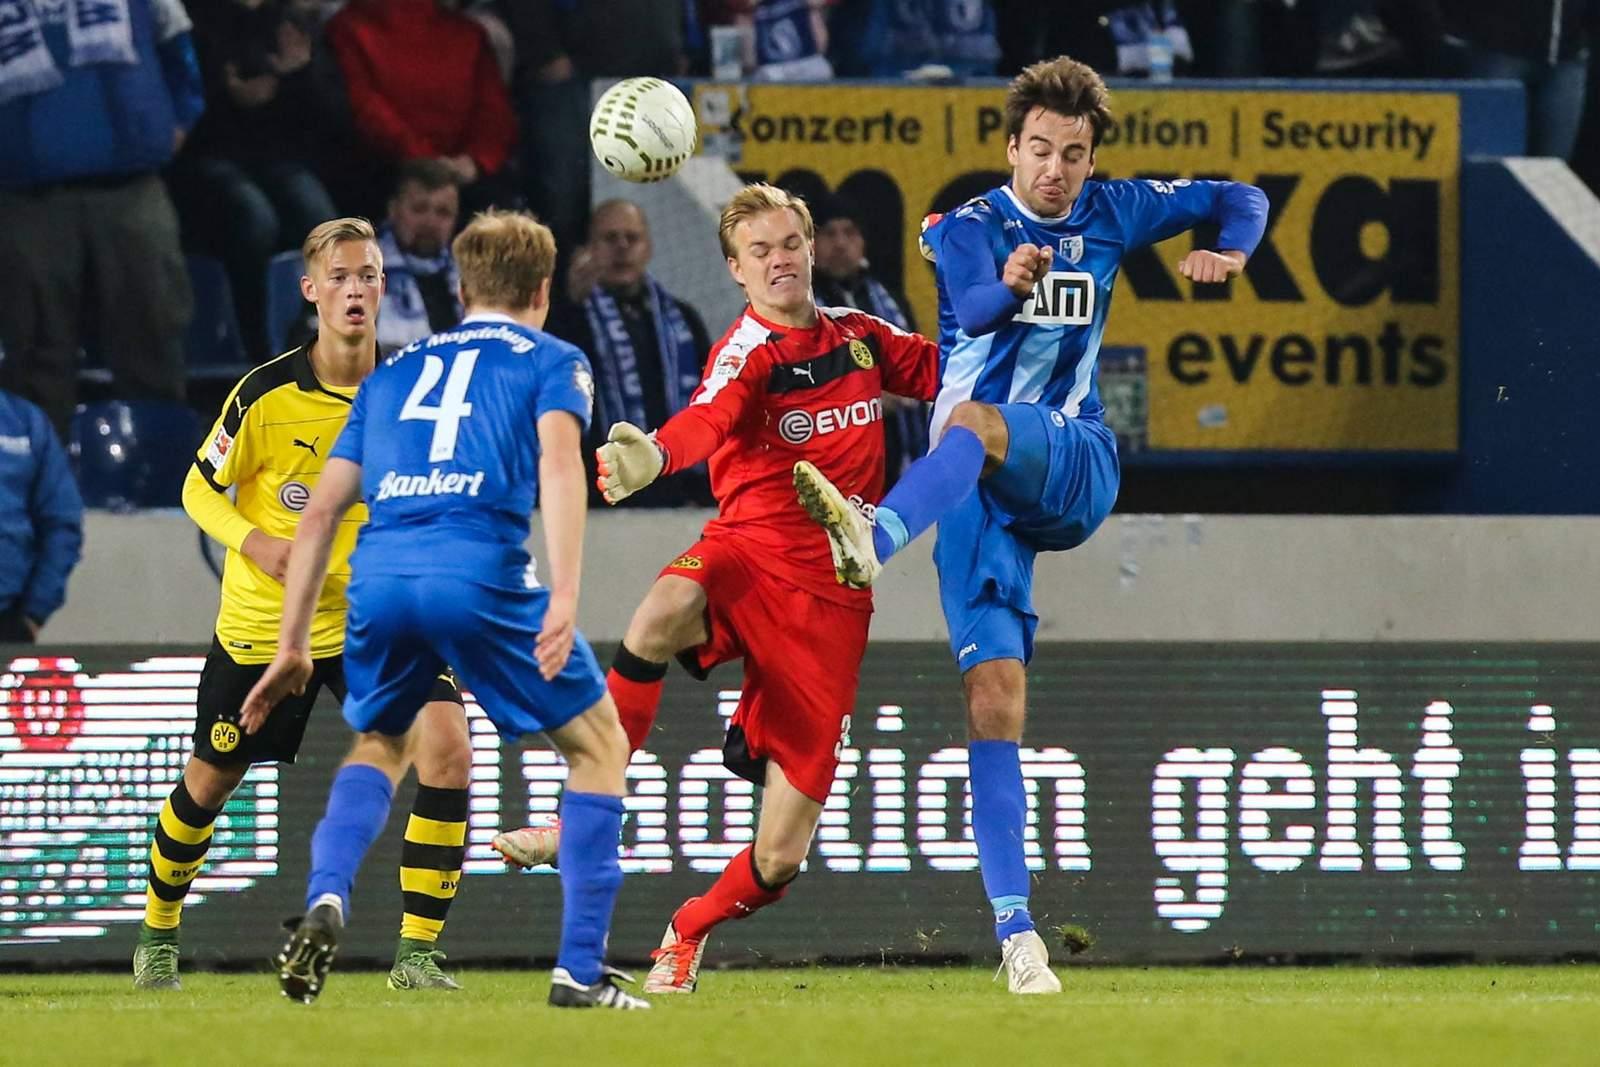 Christian Beck und Magdeburg treffen auf den BVB. Jetzt auf FCM vs BVB wetten!